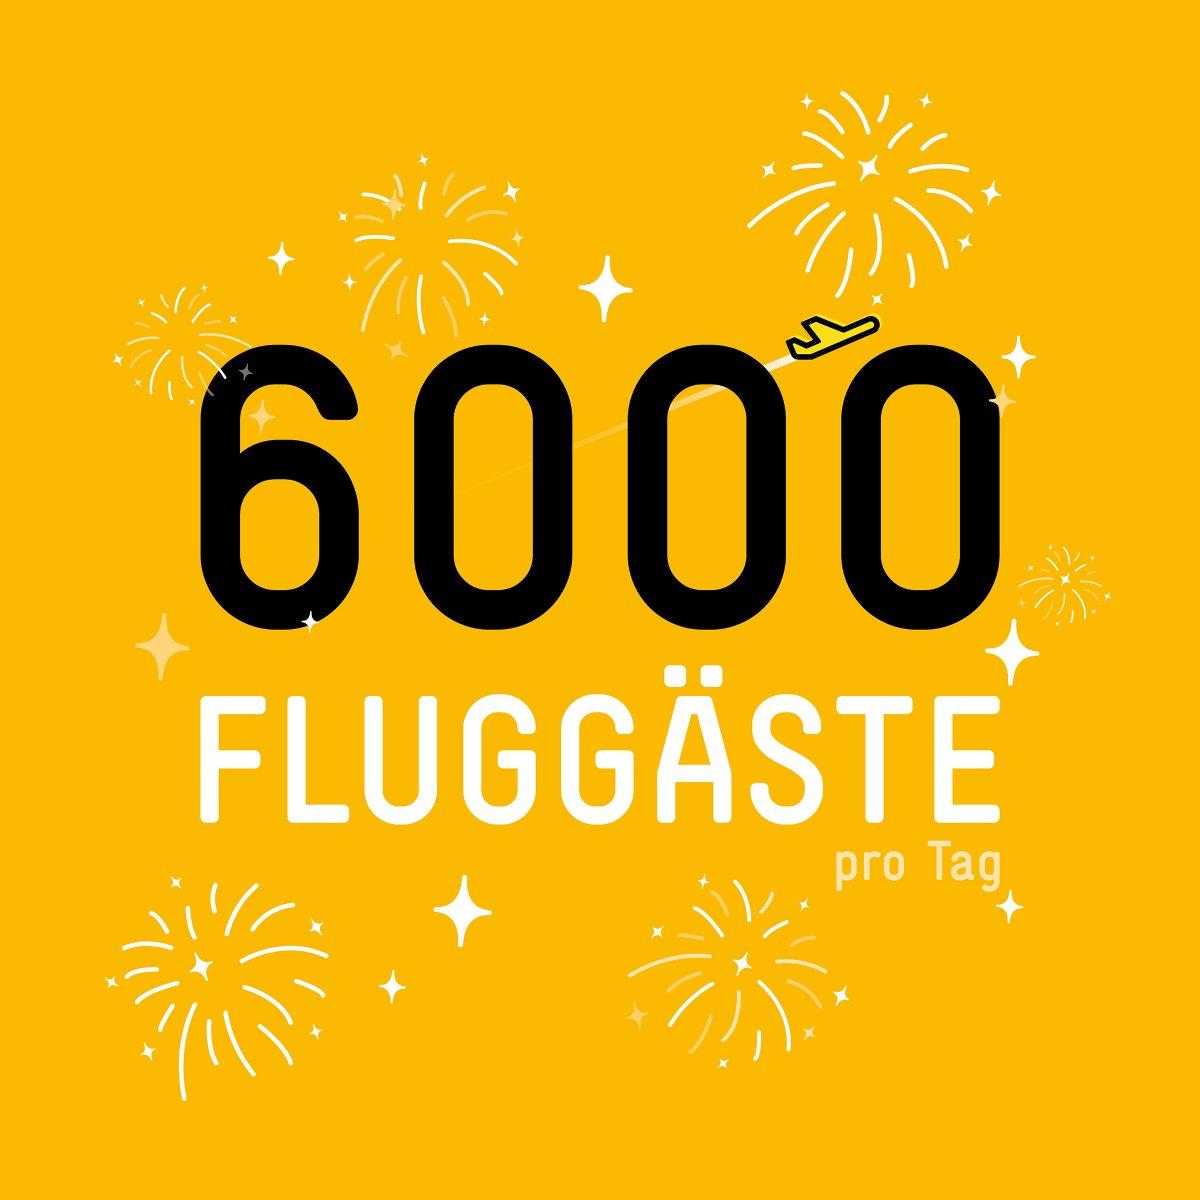 Die nächste 1000er-Marke ist erreicht. Schön, dass ihr wieder da seid! https://t.co/ZbbyjrQjCv